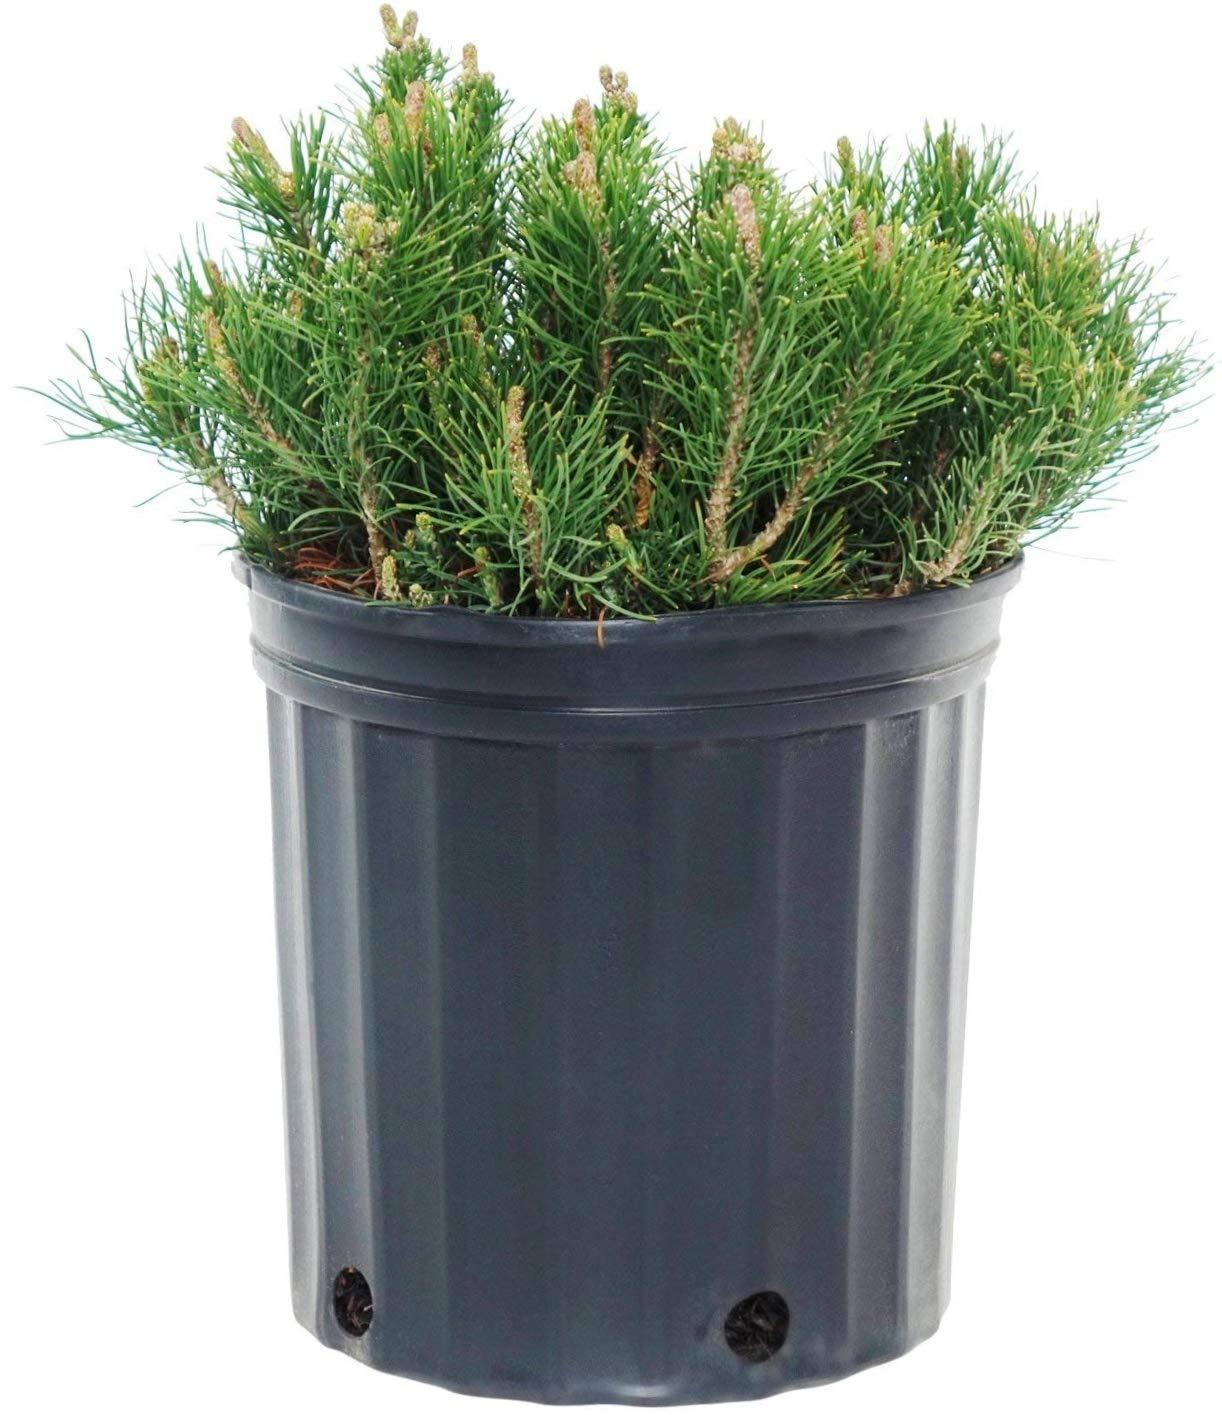 Pinus mugo var. 'Mughus' (Dwarf Mugo Pine) Evergreen, #3 - Size Container